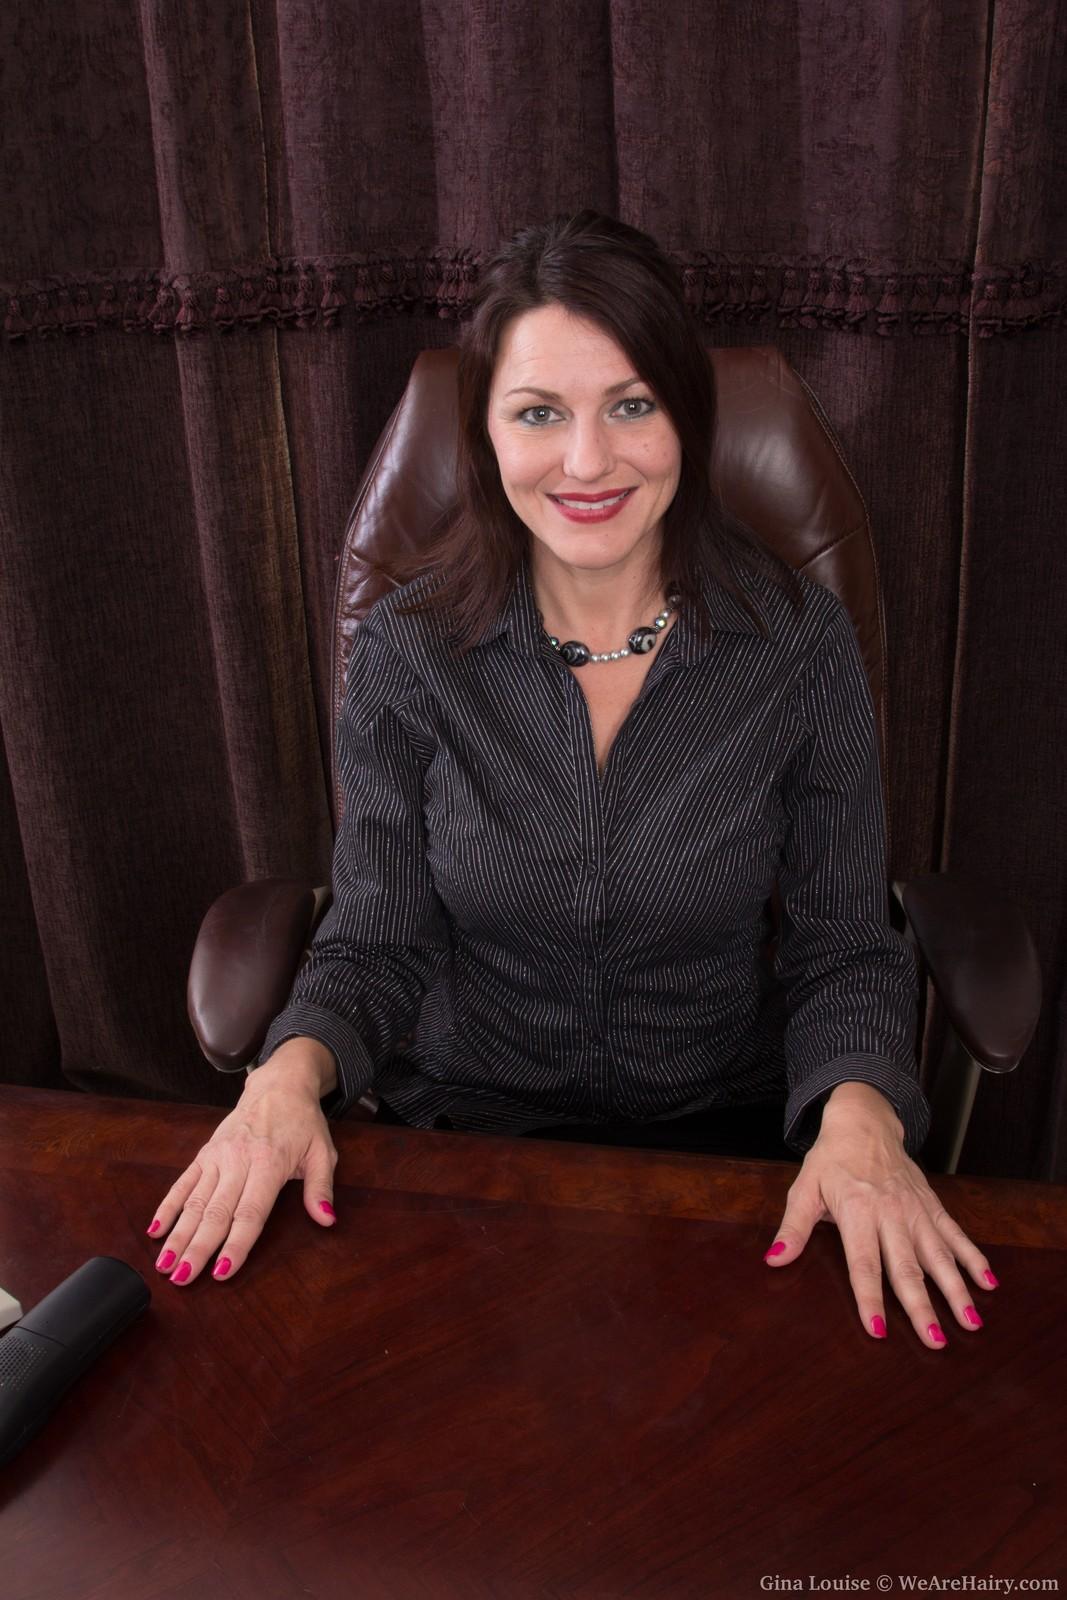 Gina Louise